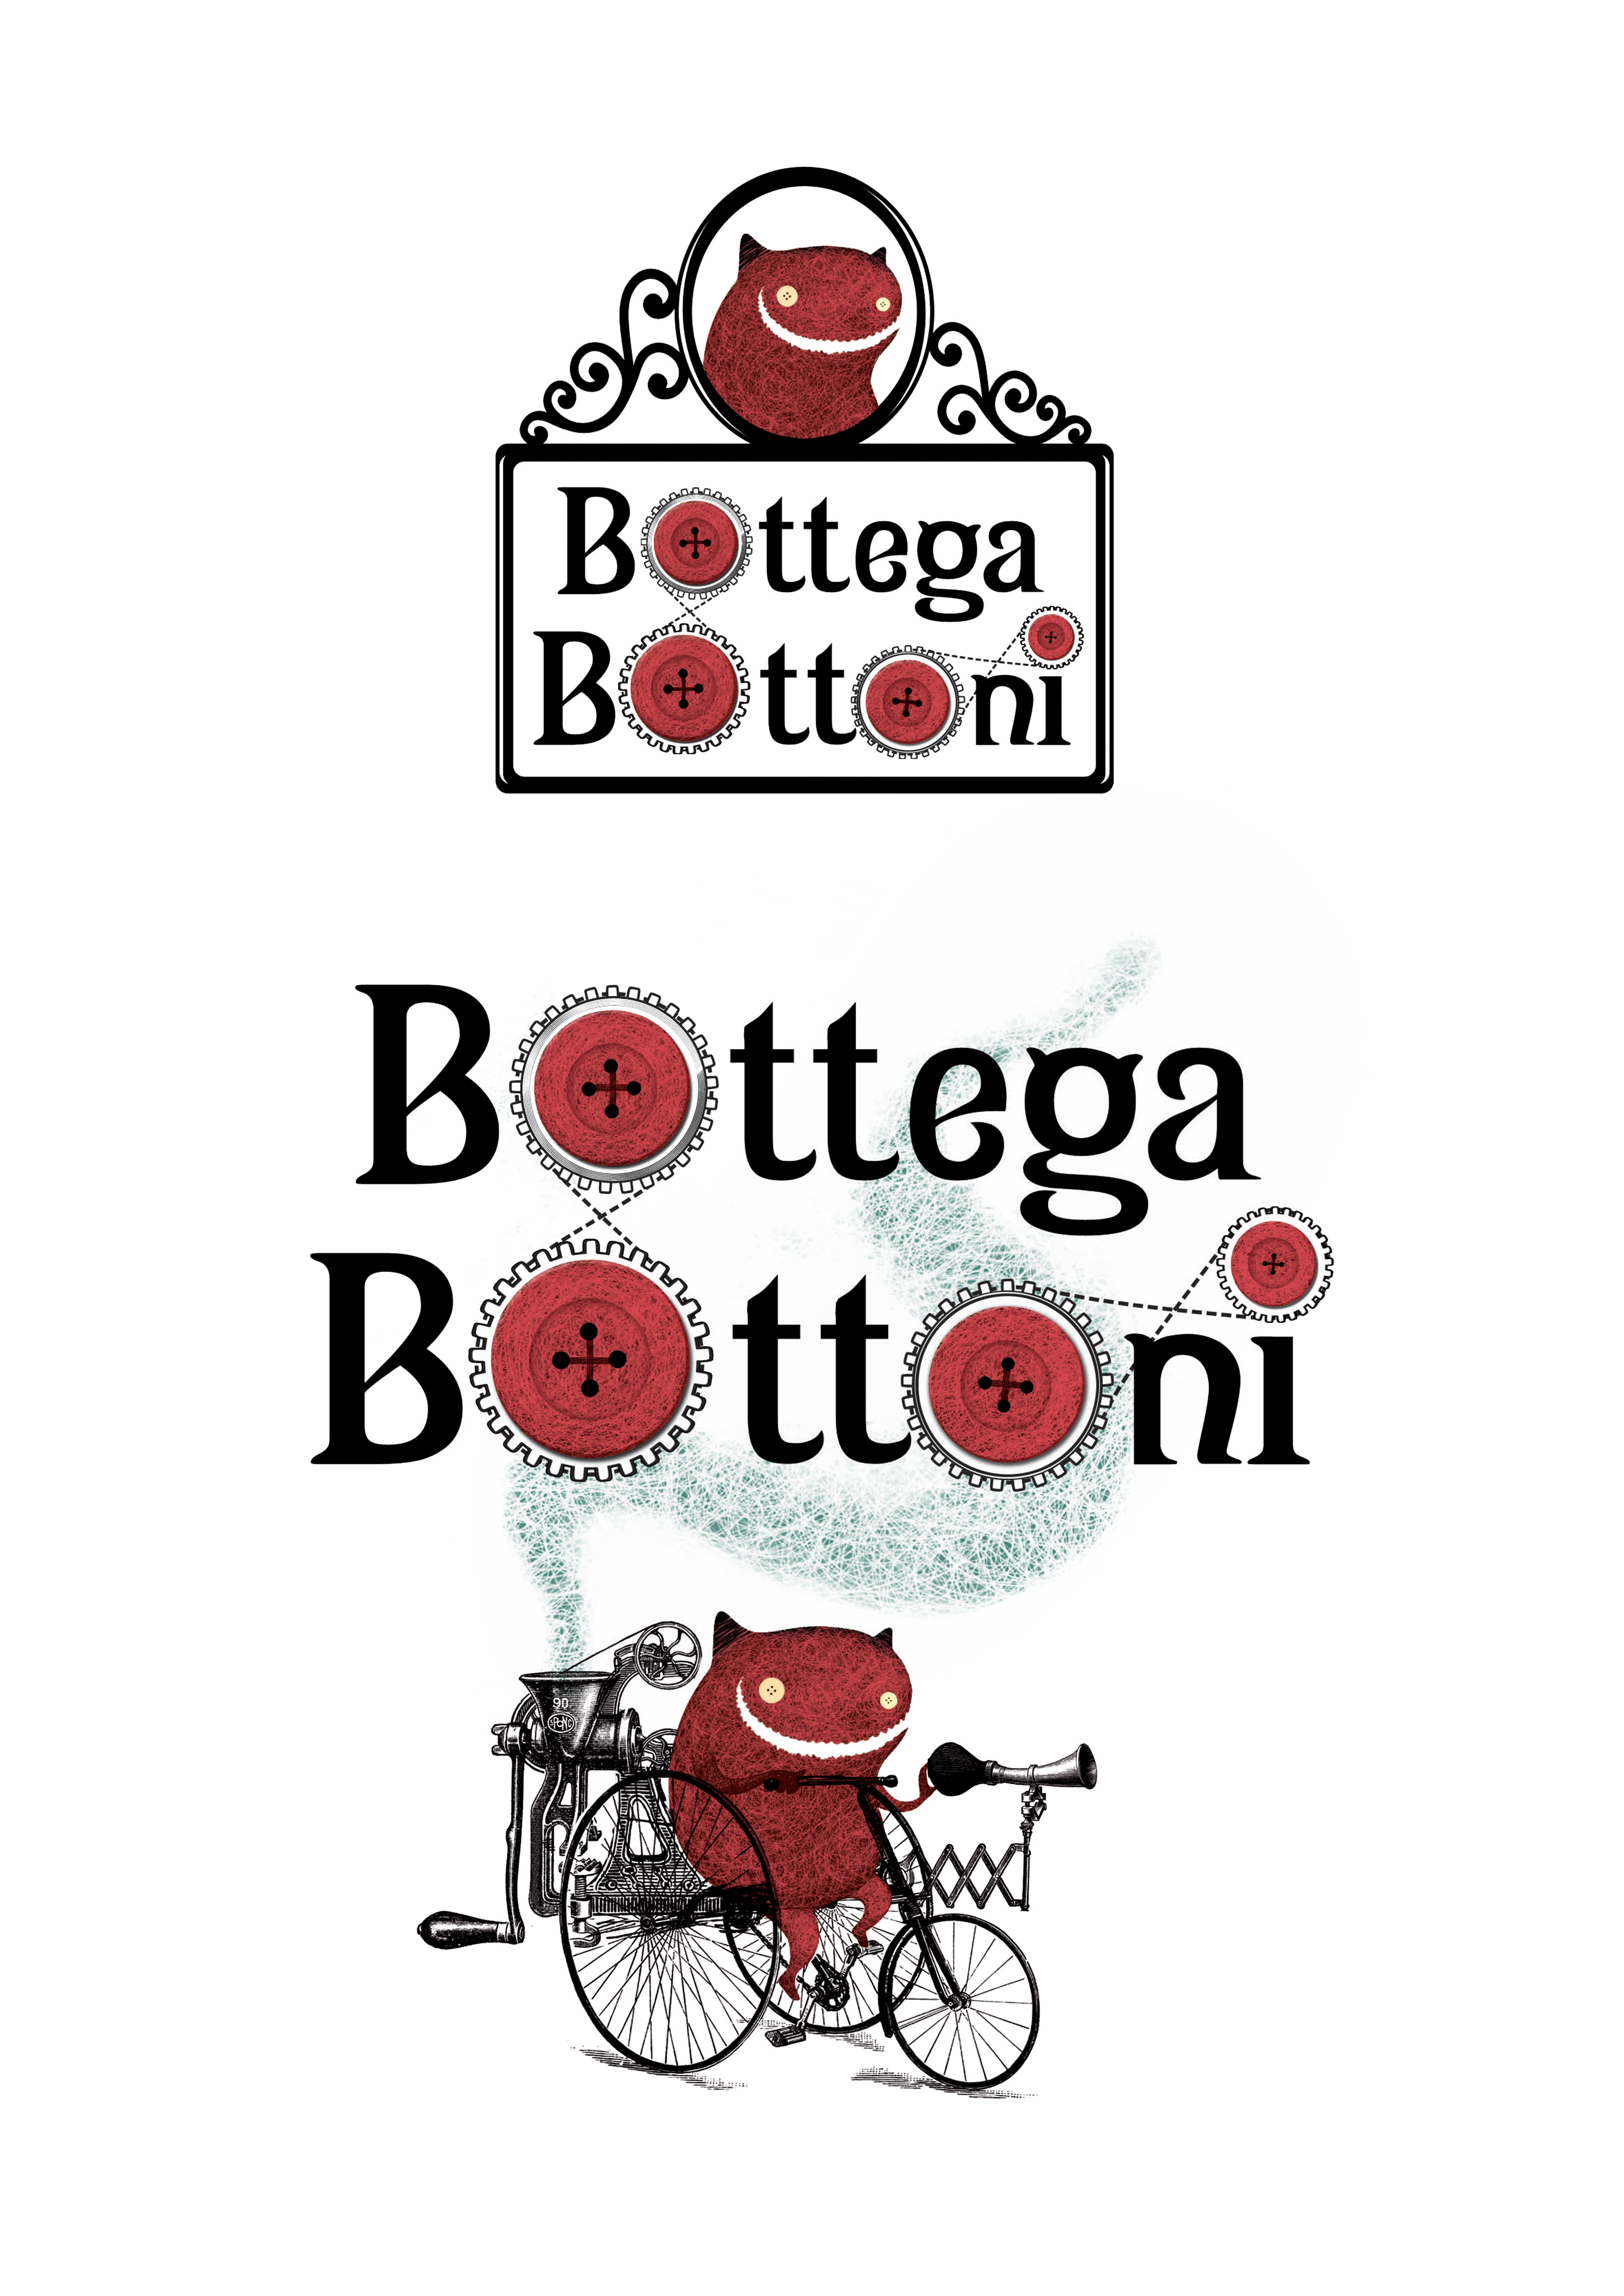 Bottega Bottoni - Eleonora Casetta